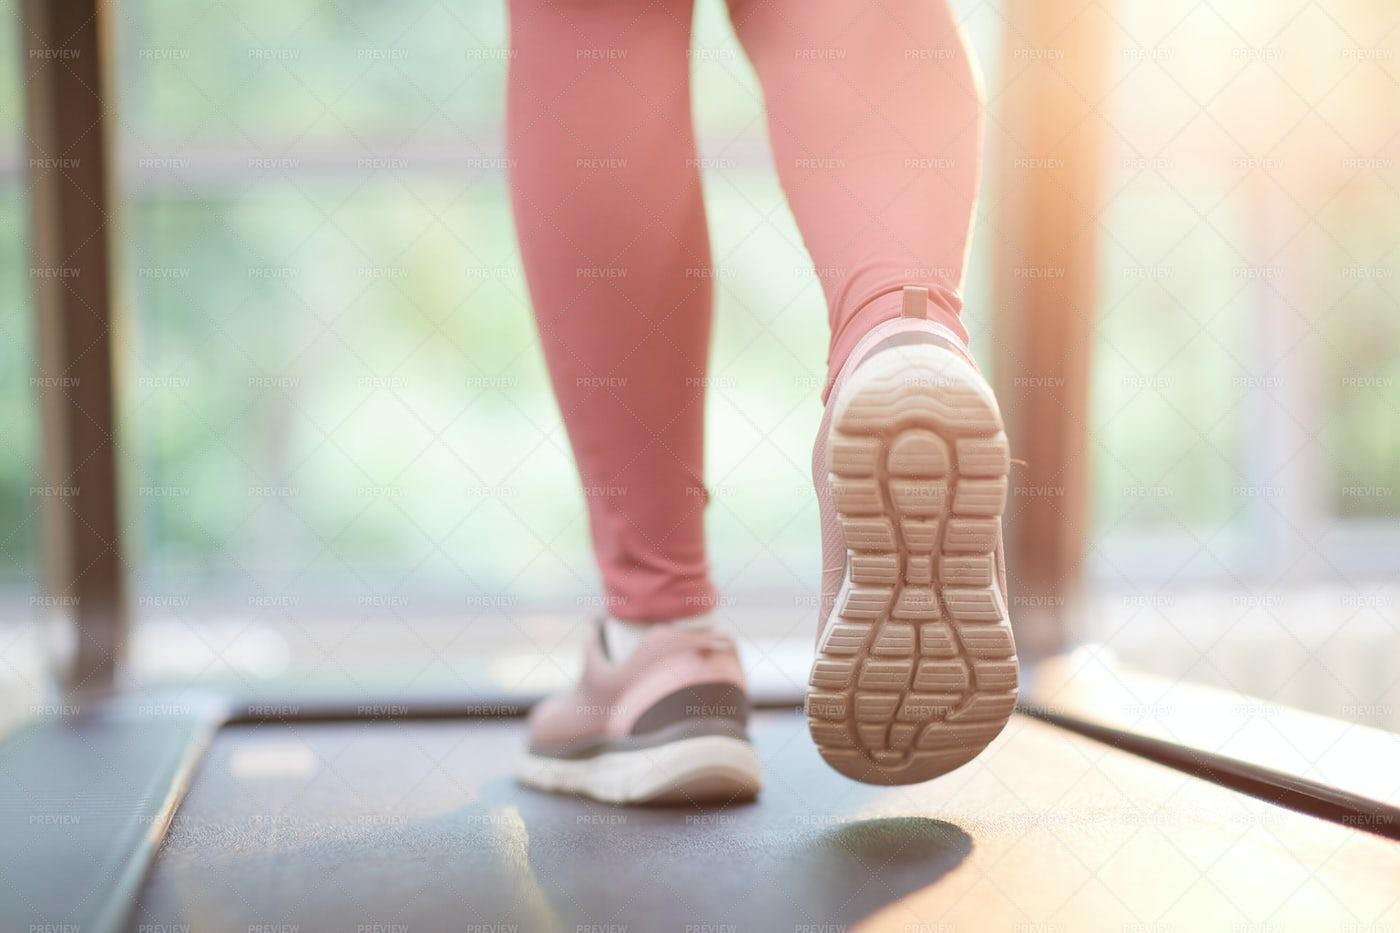 Feet Running On Treadmill: Stock Photos